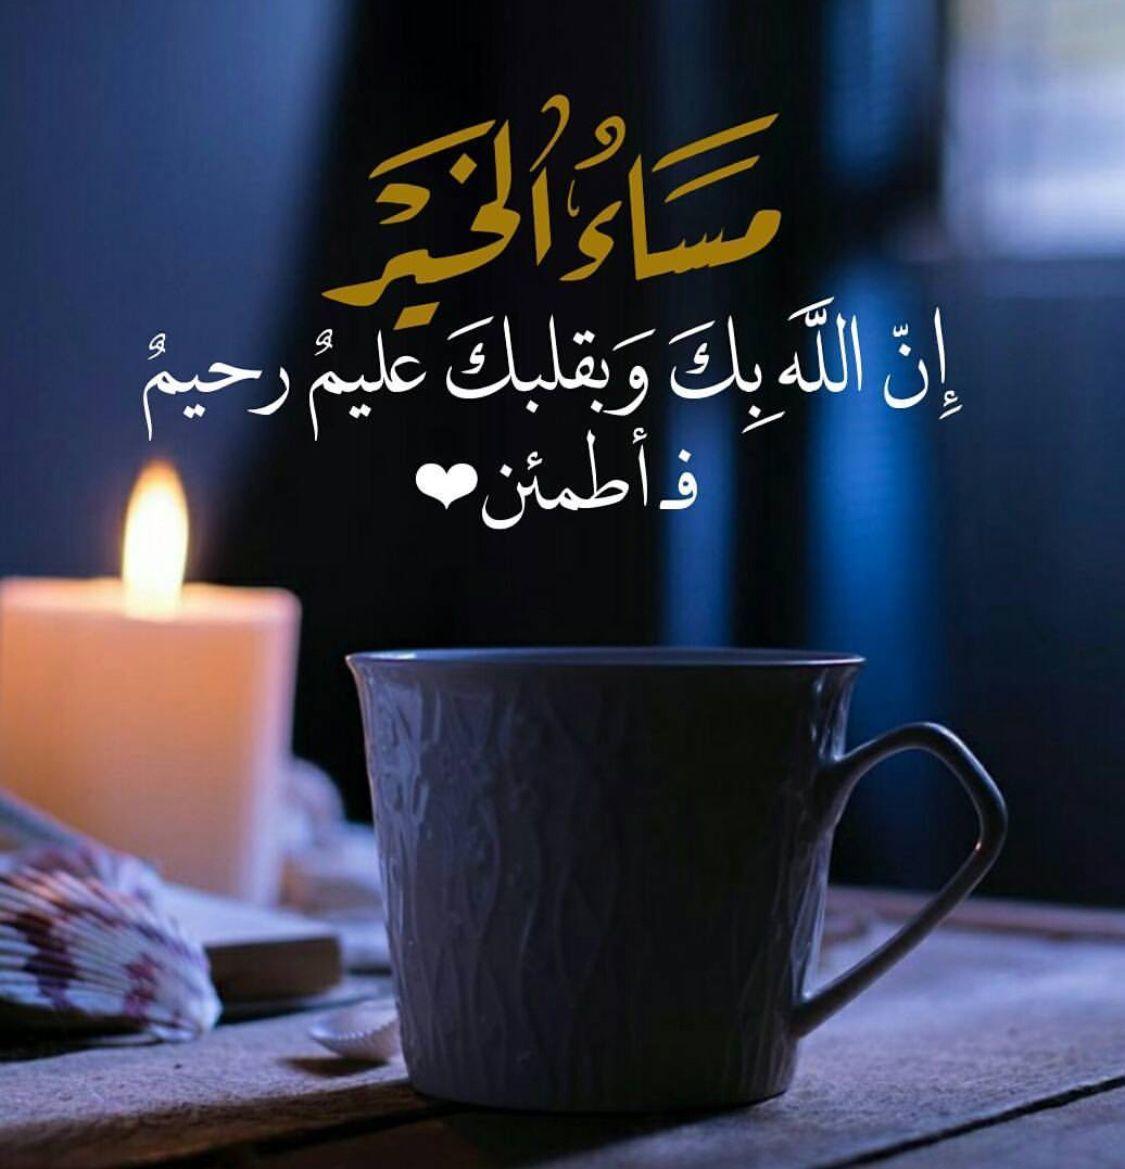 بوستات مساء الخير بالصور Beautiful Morning Messages Evening Greetings Good Morning Greetings